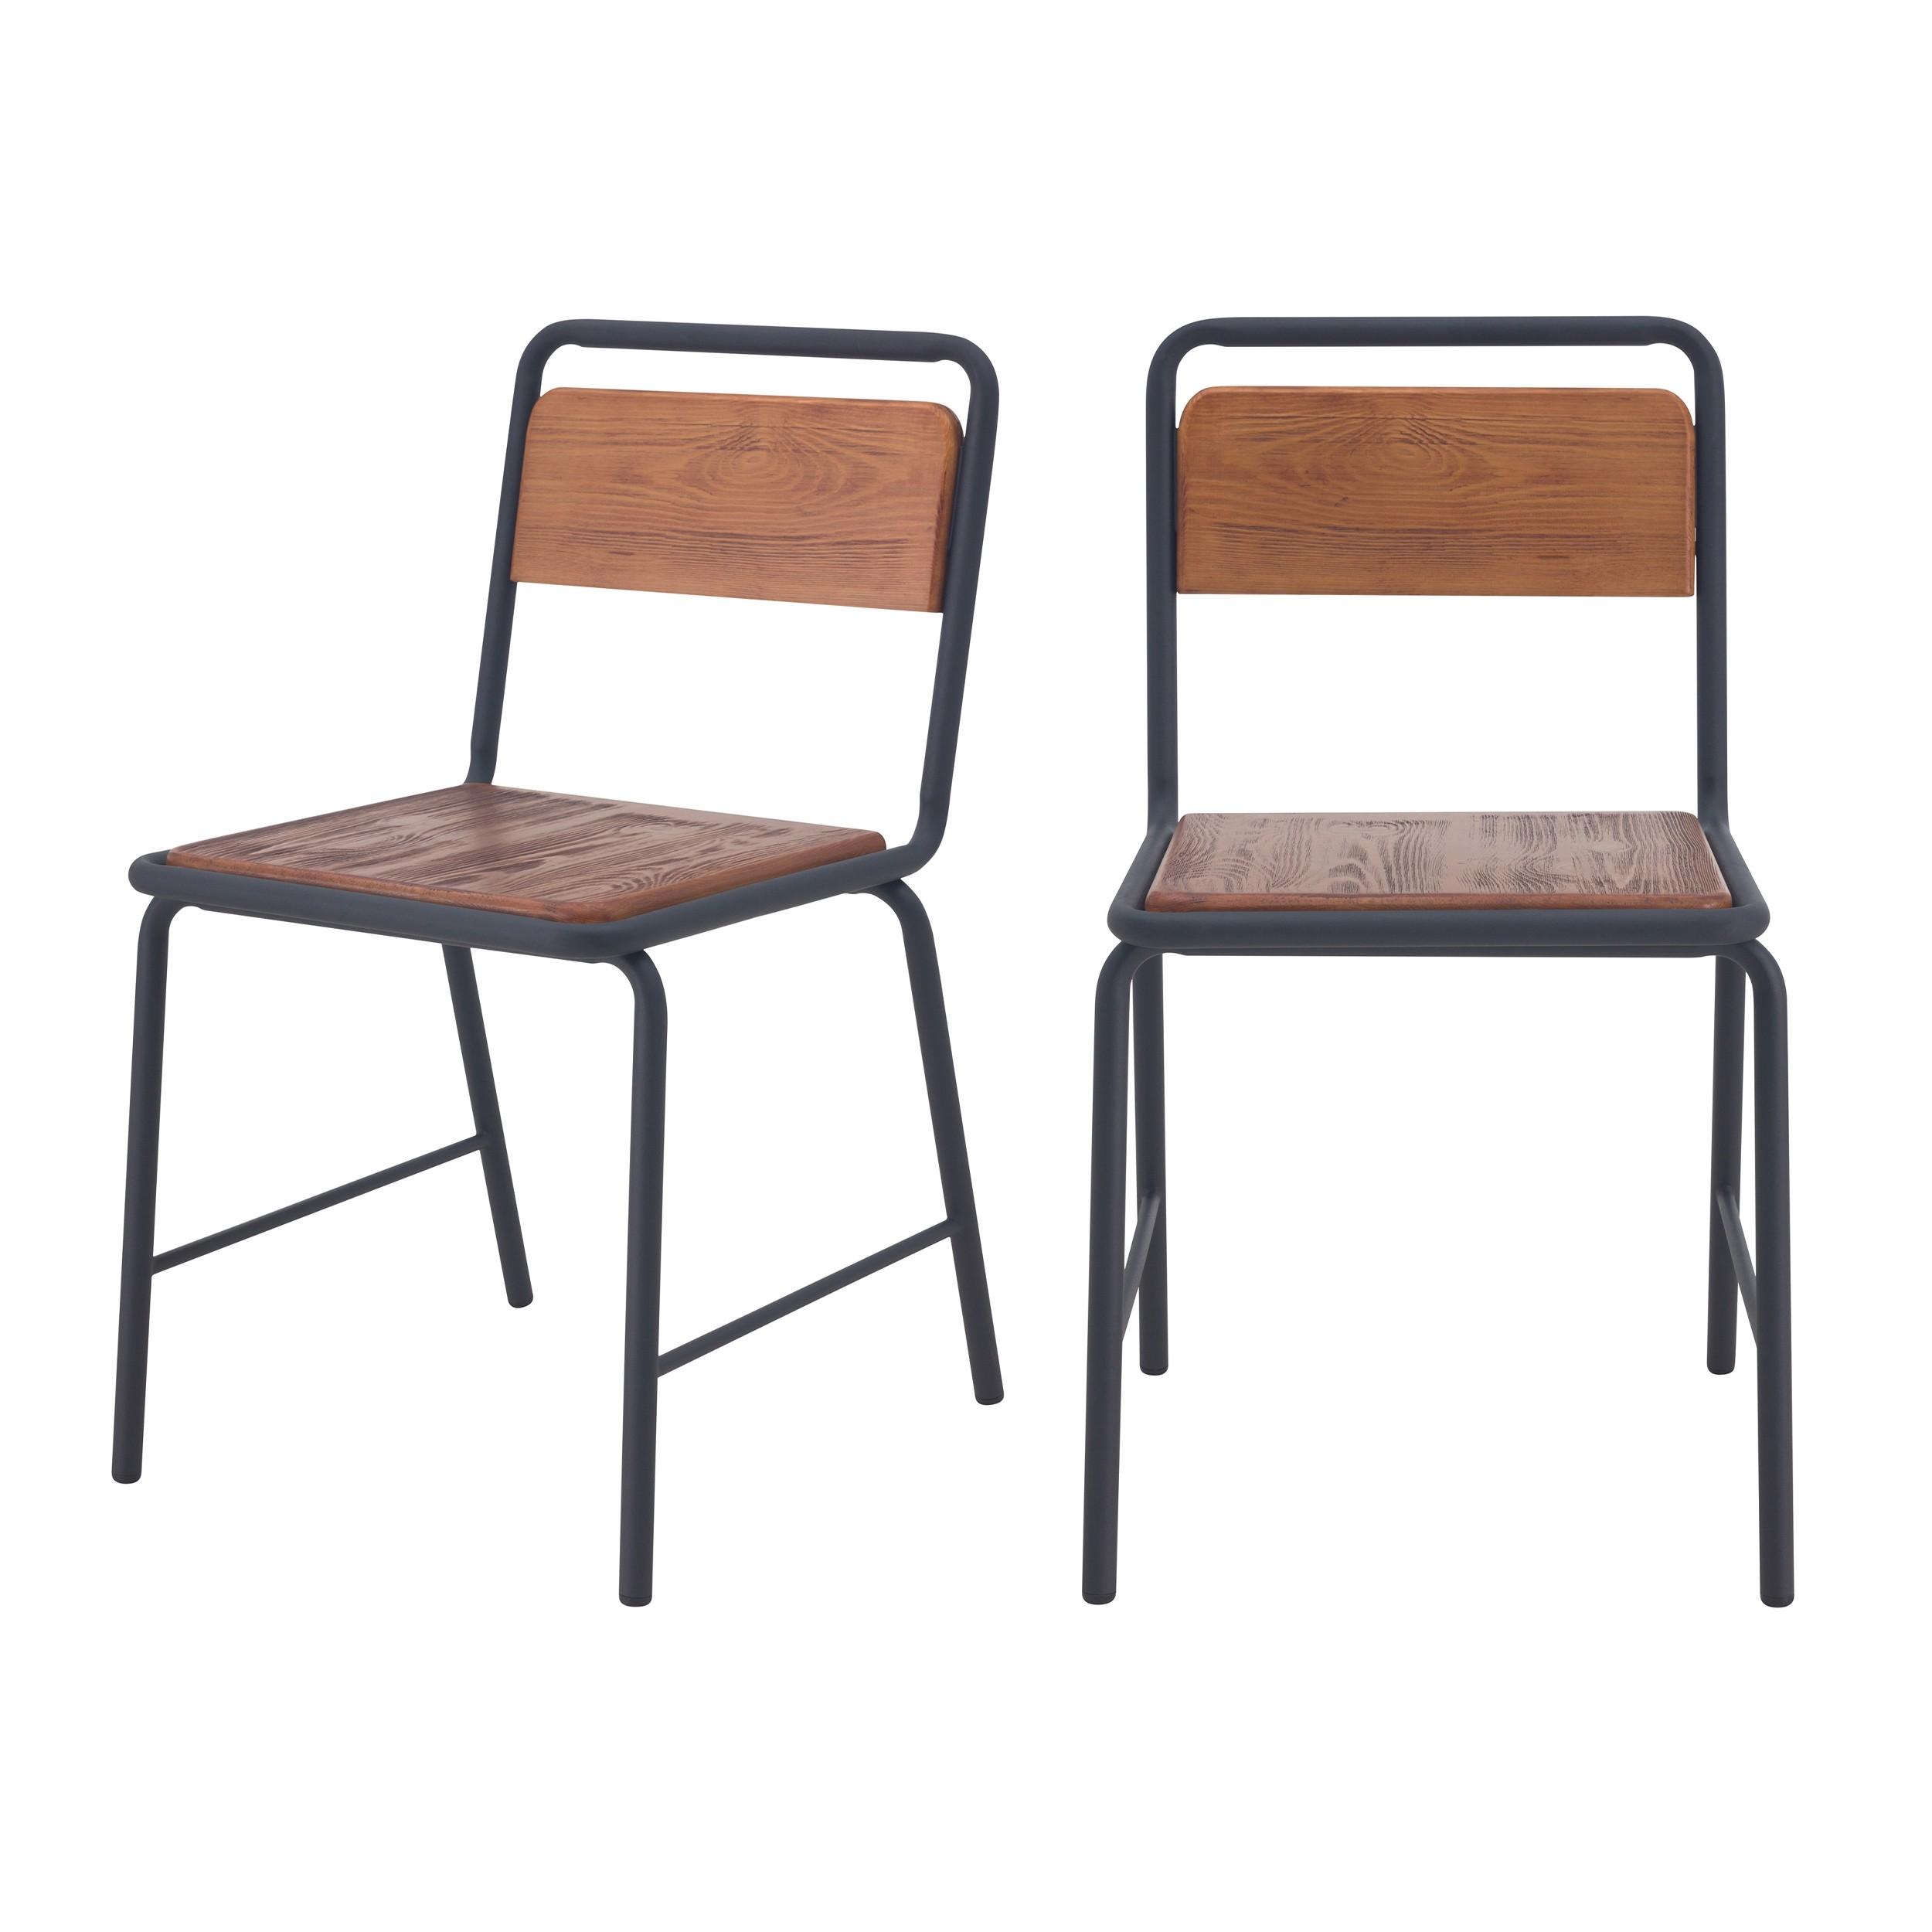 acheter chaises ecolier bois et metal lot de 2